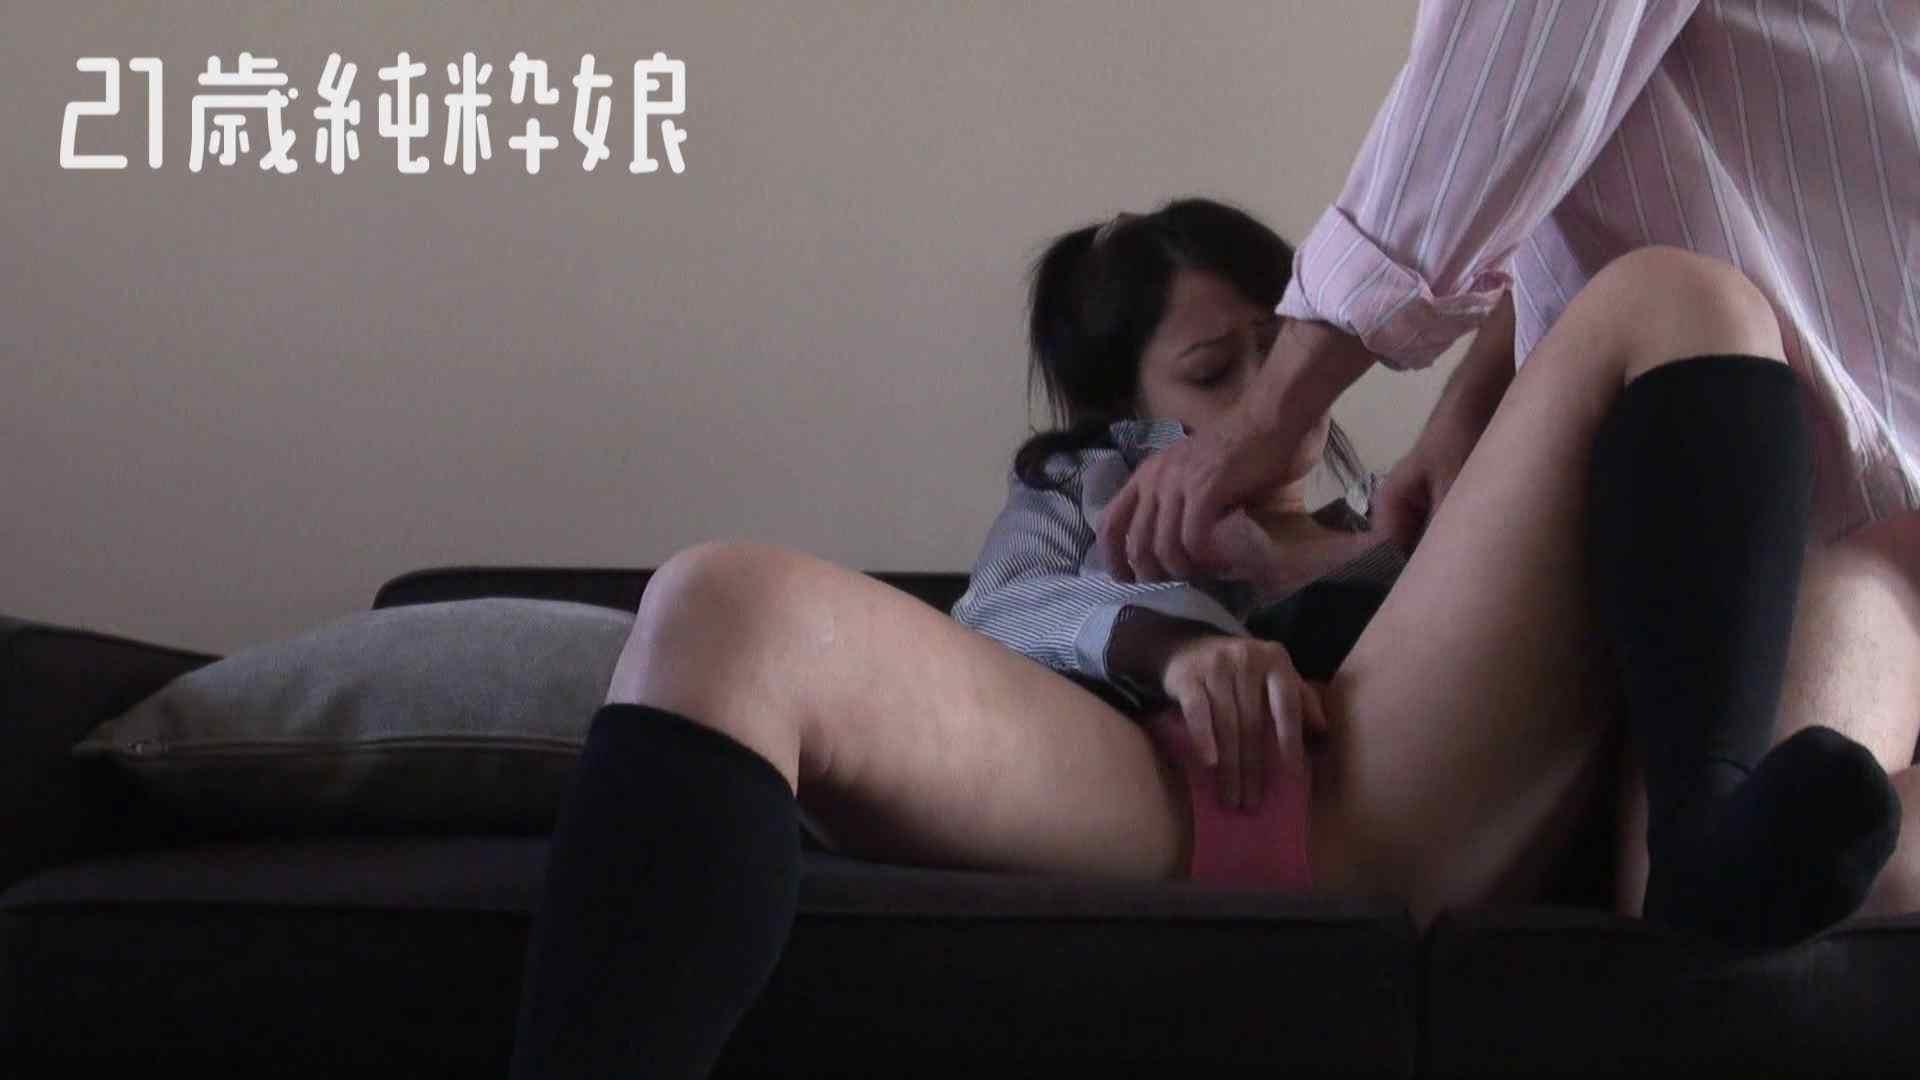 上京したばかりのGカップ21歳純粋嬢を都合の良い女にしてみた3 一般投稿 | オナニー特集  54画像 12